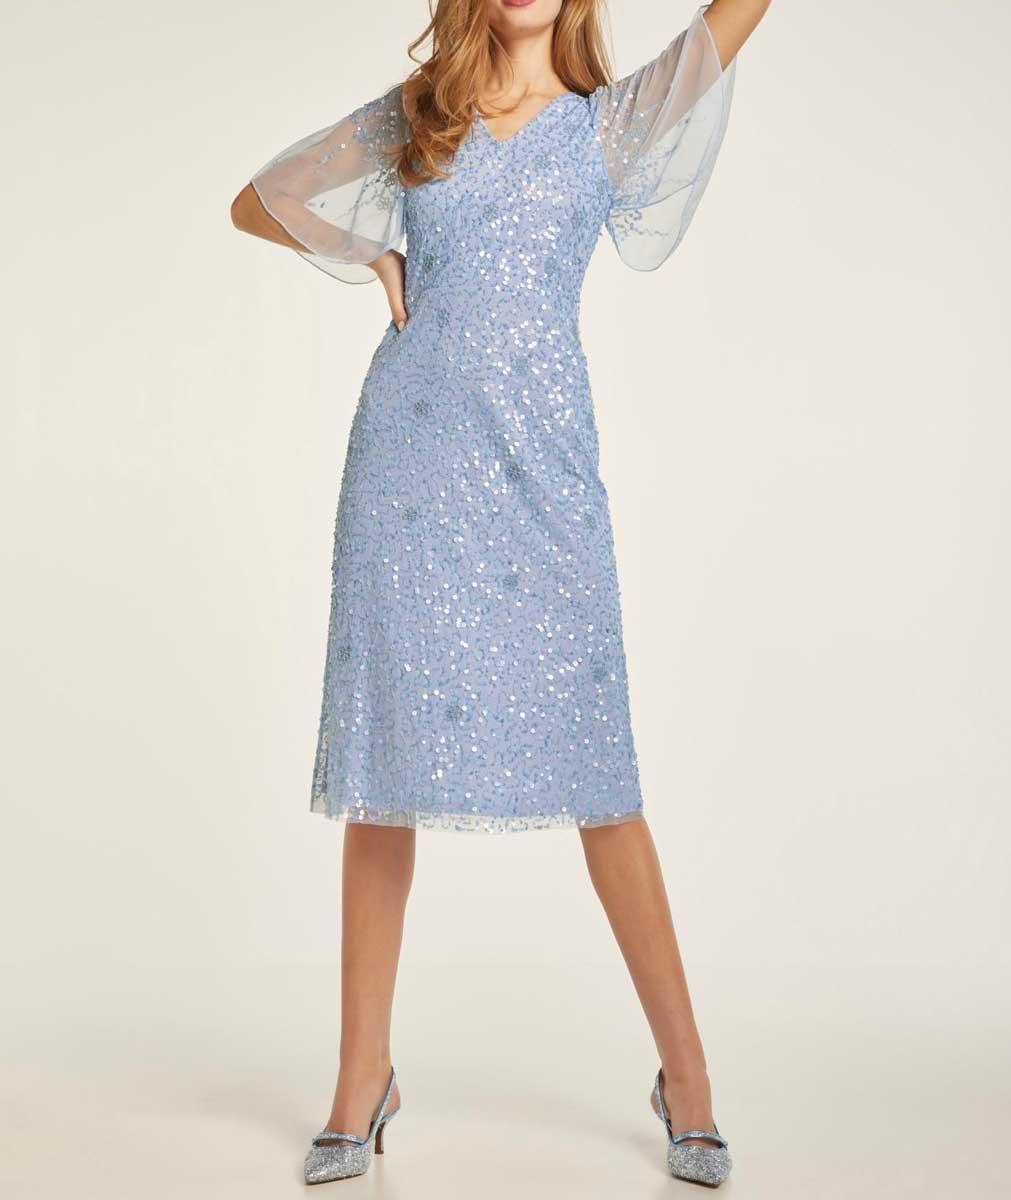 kurzes kleid für besondere anlässe Heine Cocktailkleid mit Pailletten hellblau 690.052 Missforty